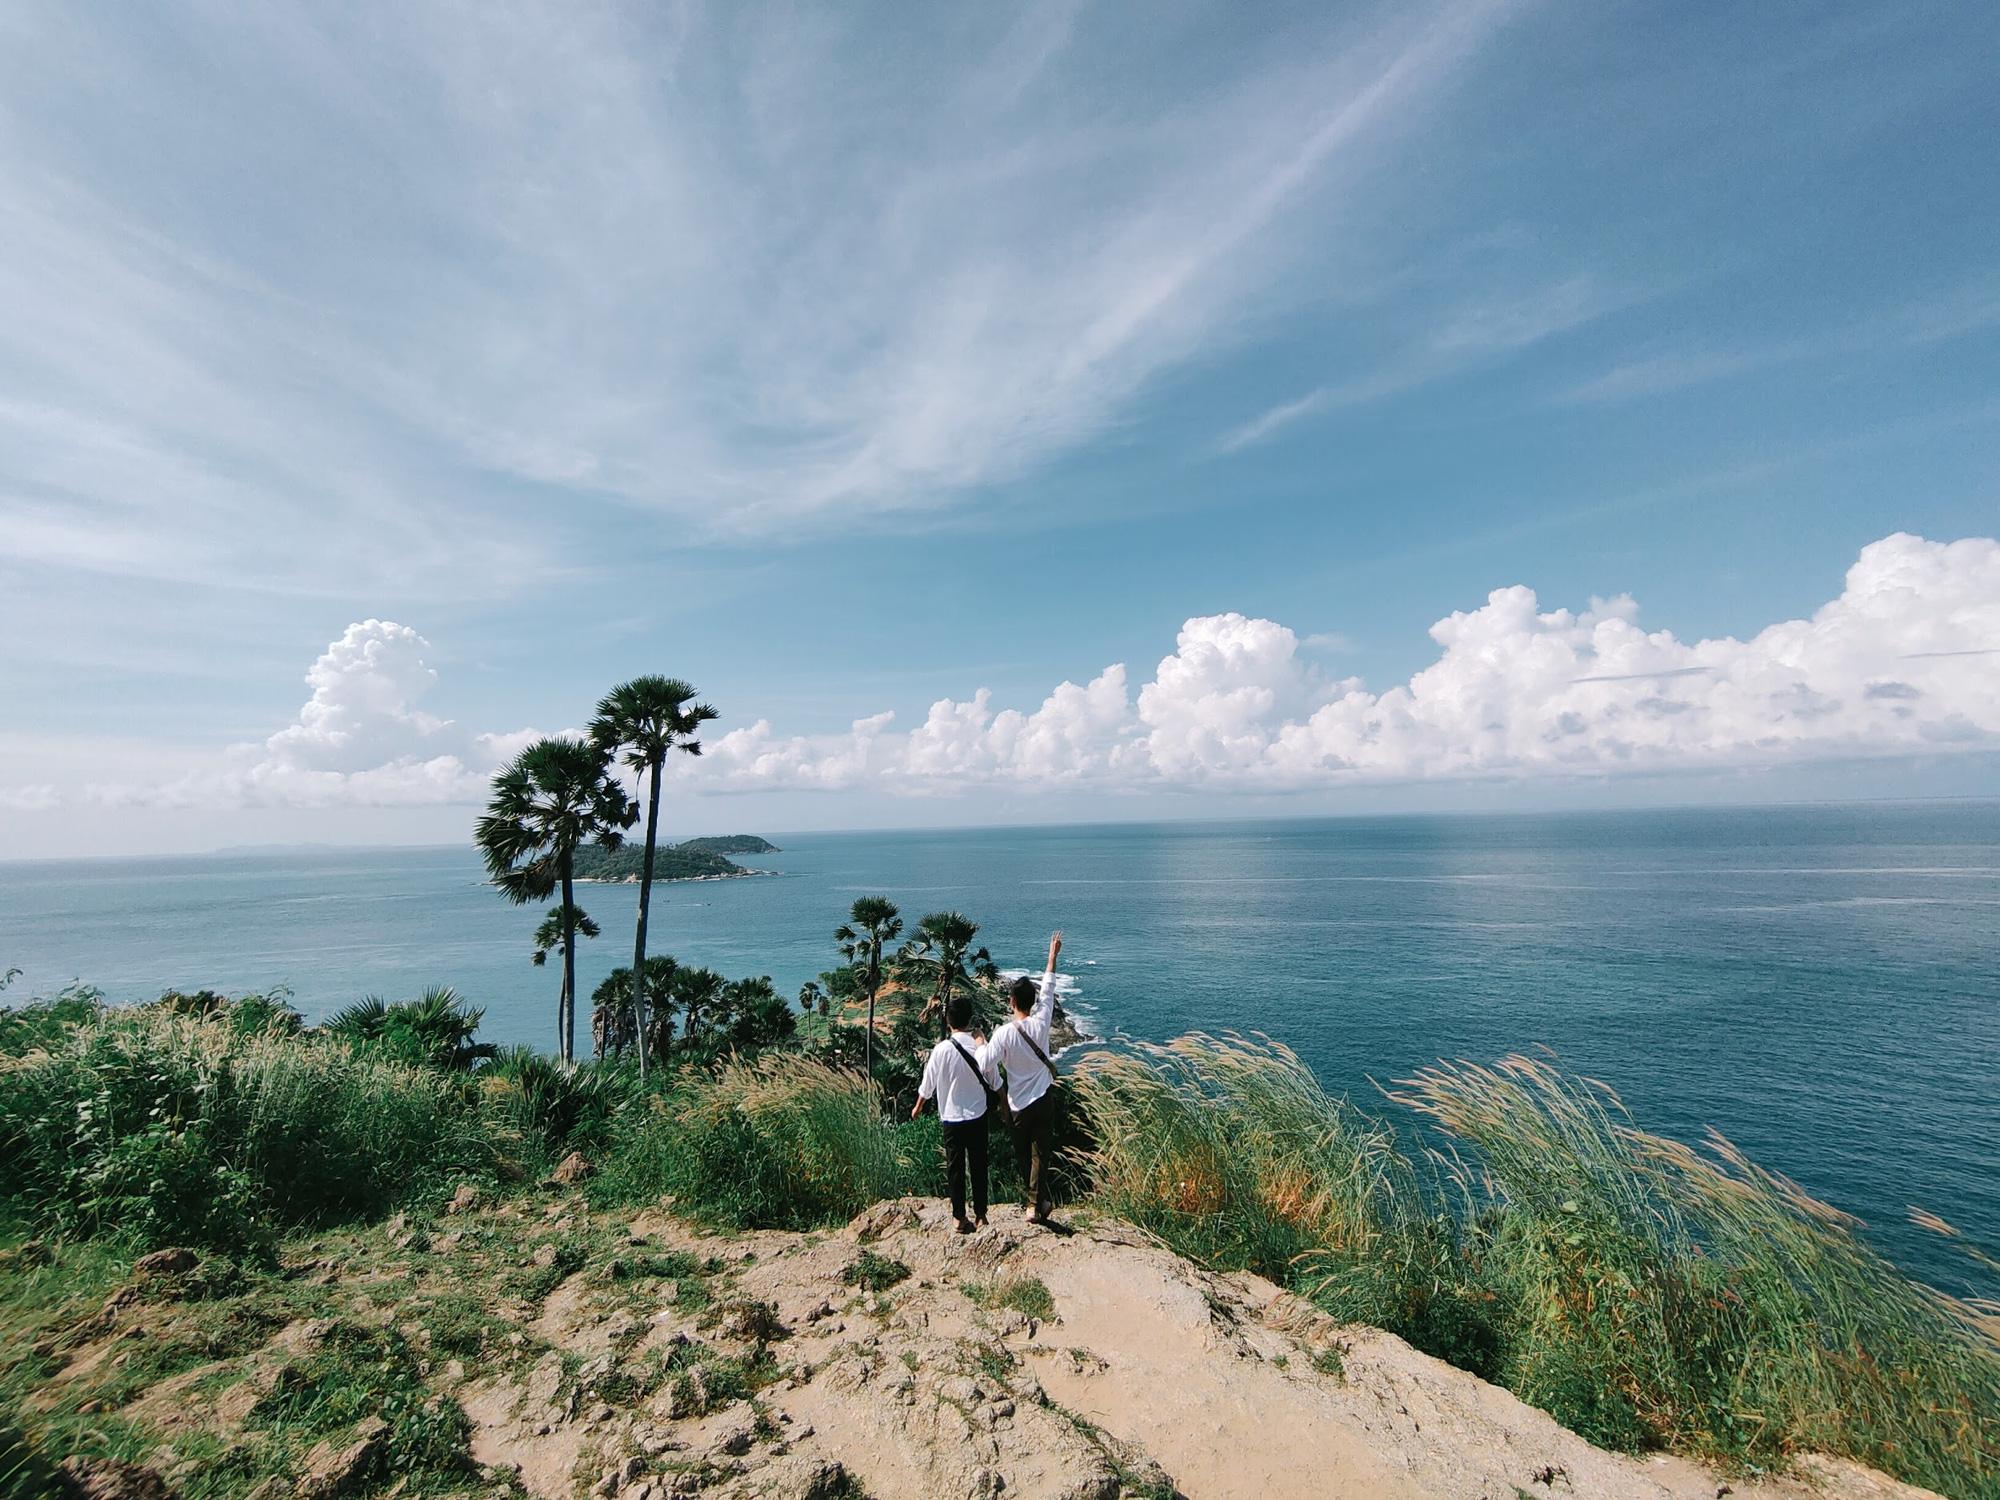 Làm travel vlogger không khó như bạn nghĩ khi đã bỏ túi vài mẹo nhỏ - Ảnh 5.